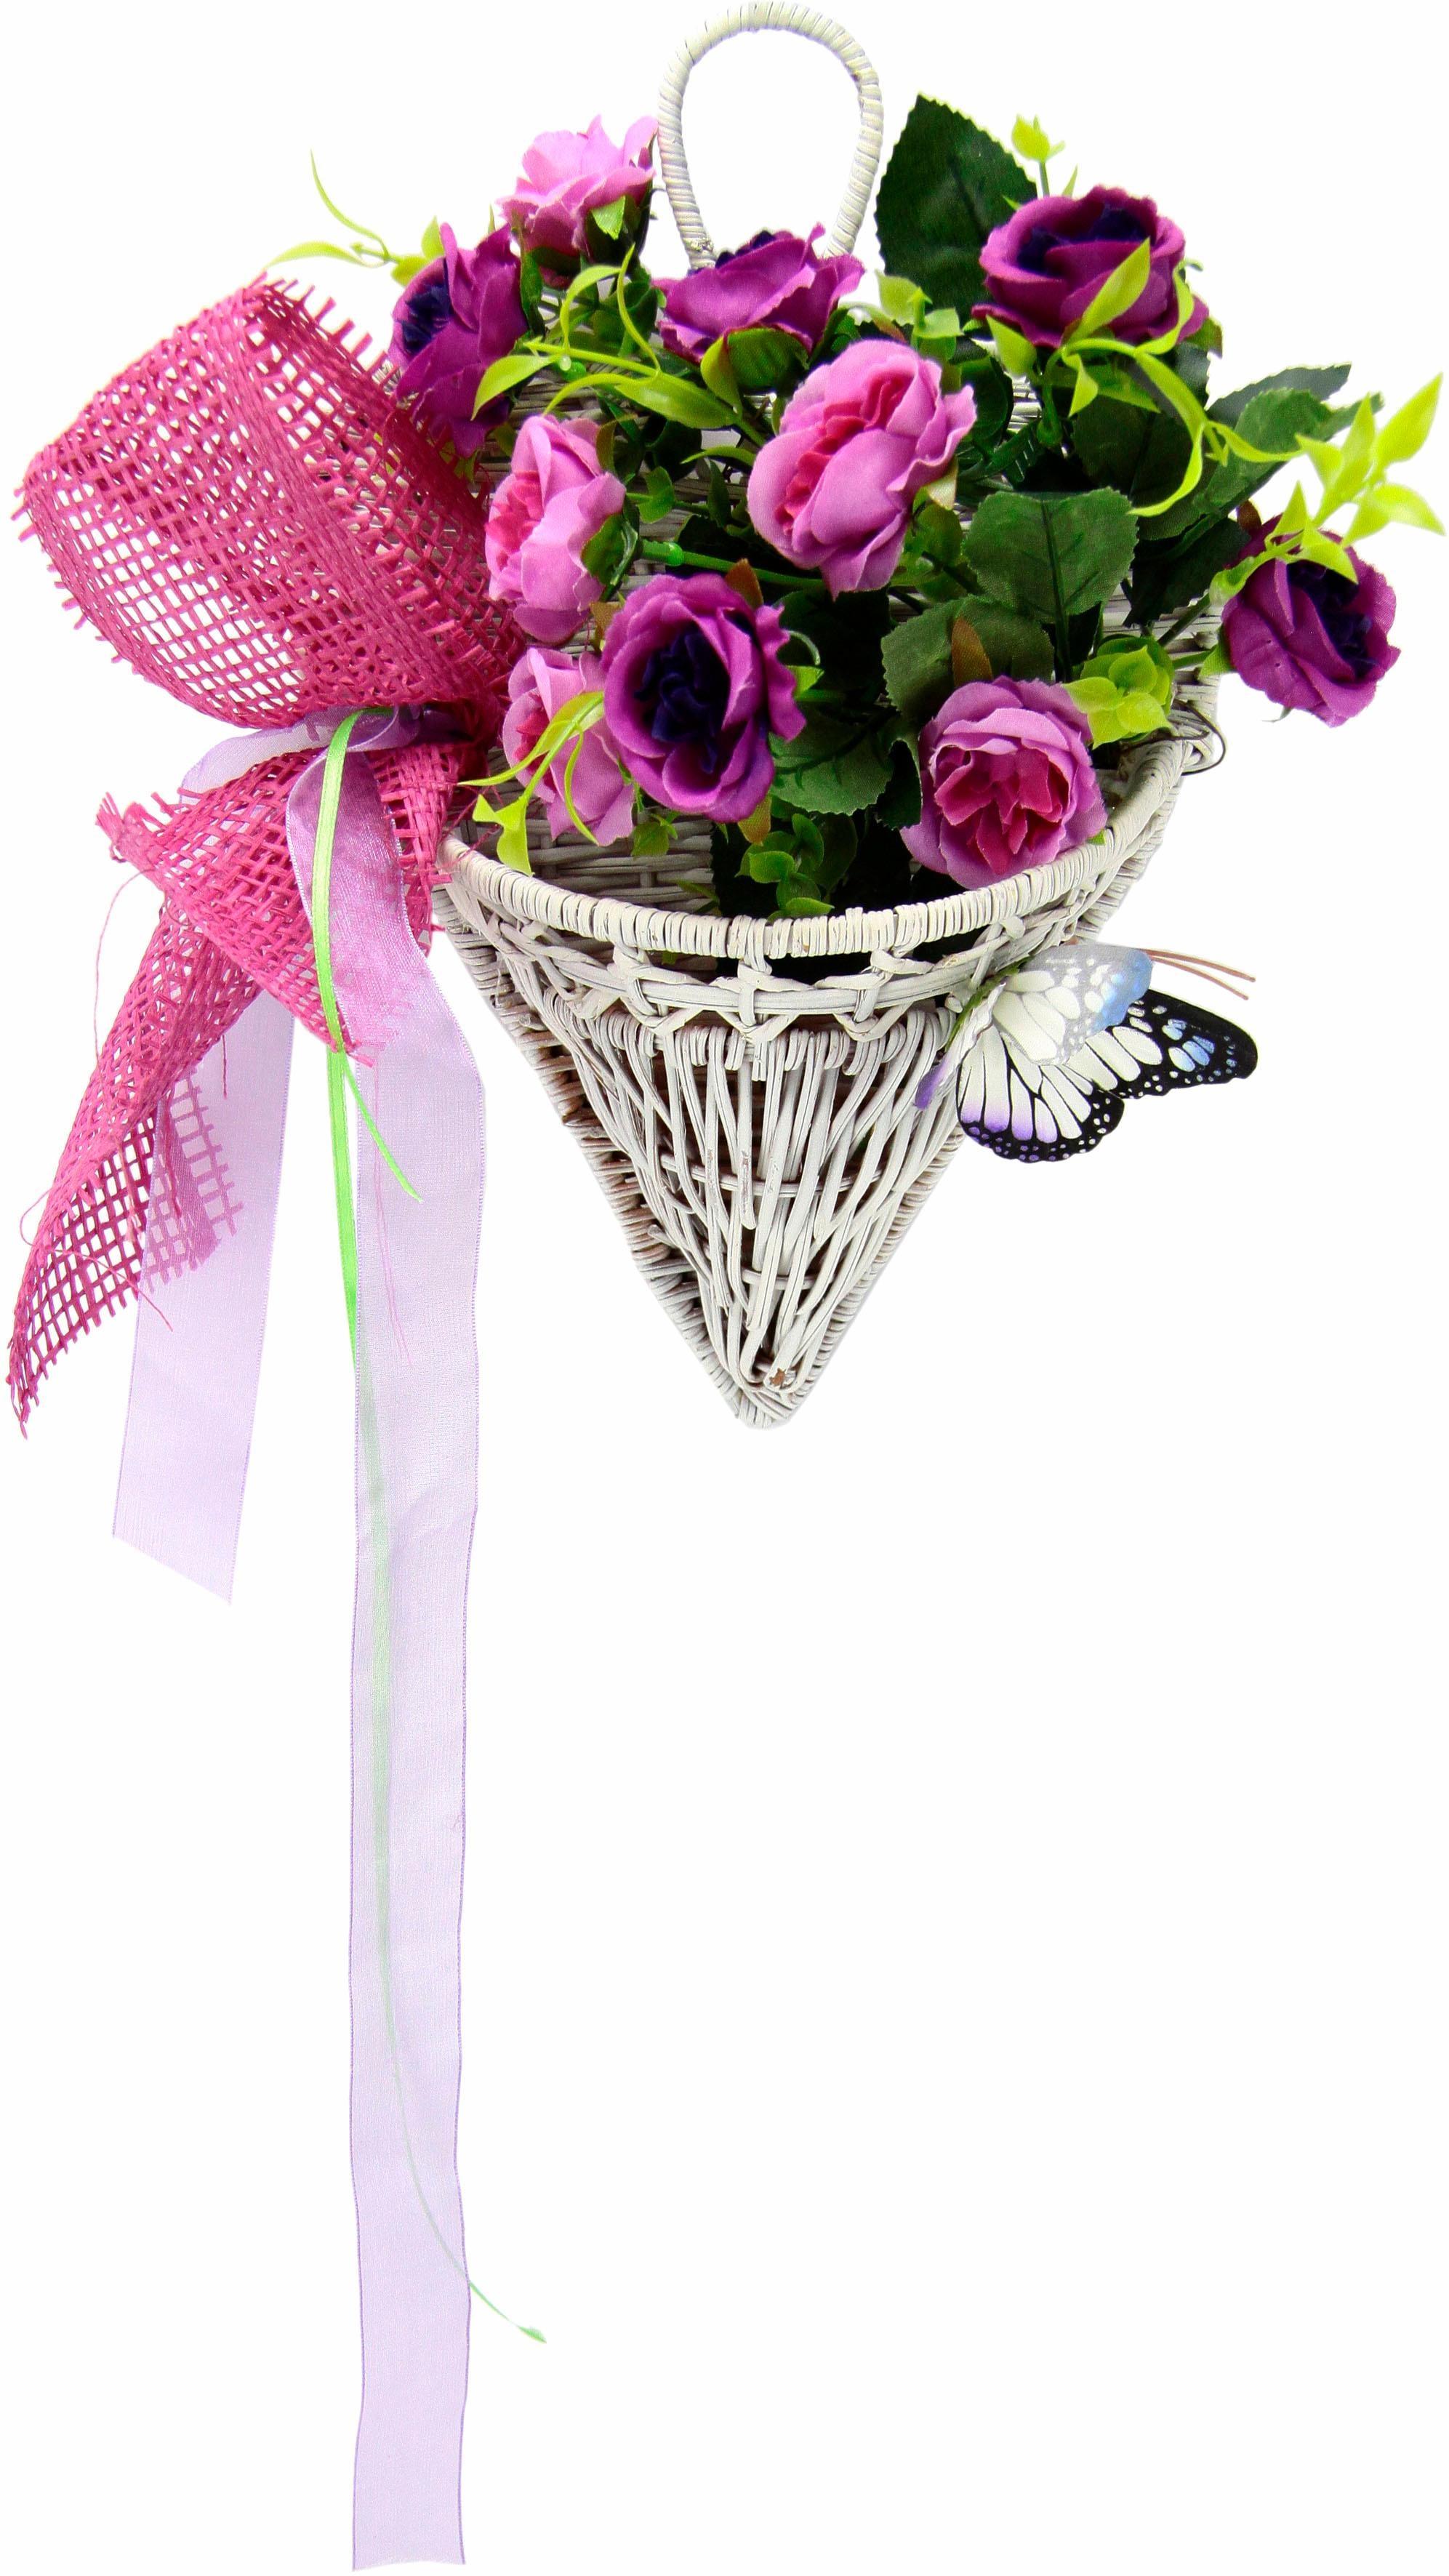 Kunstpflanze Rosen mit Schmetterling im Korb 30 cm Technik & Freizeit/Heimwerken & Garten/Garten & Balkon/Pflanzen/Kunstpflanzen/Kunst-Kränze